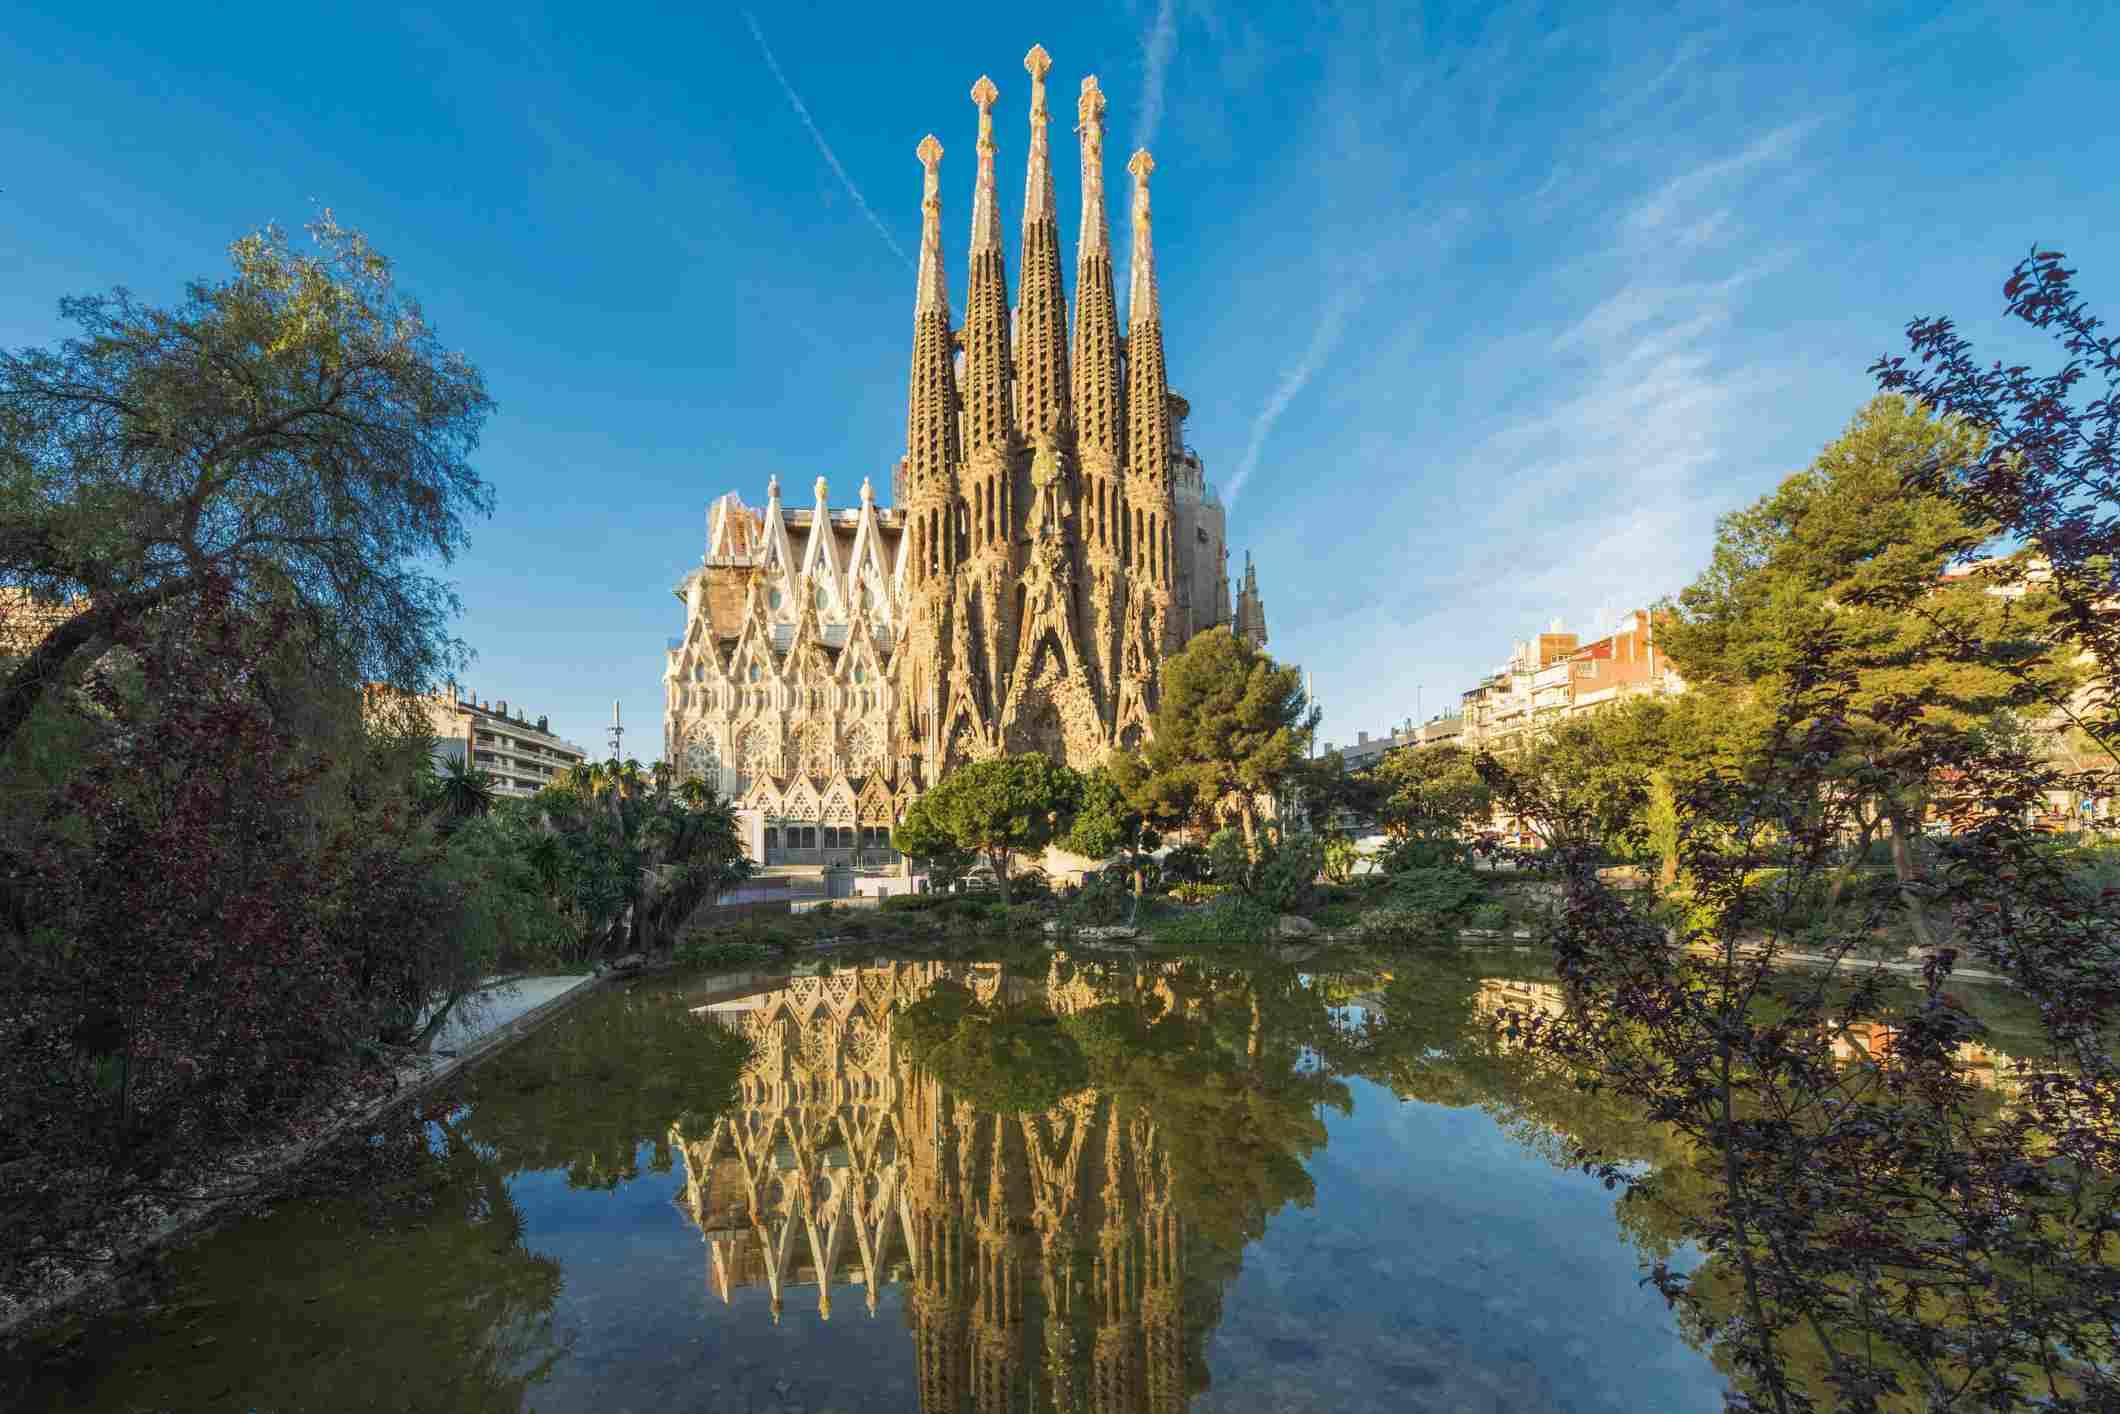 Sagrada Familia in Spain, Barcelona